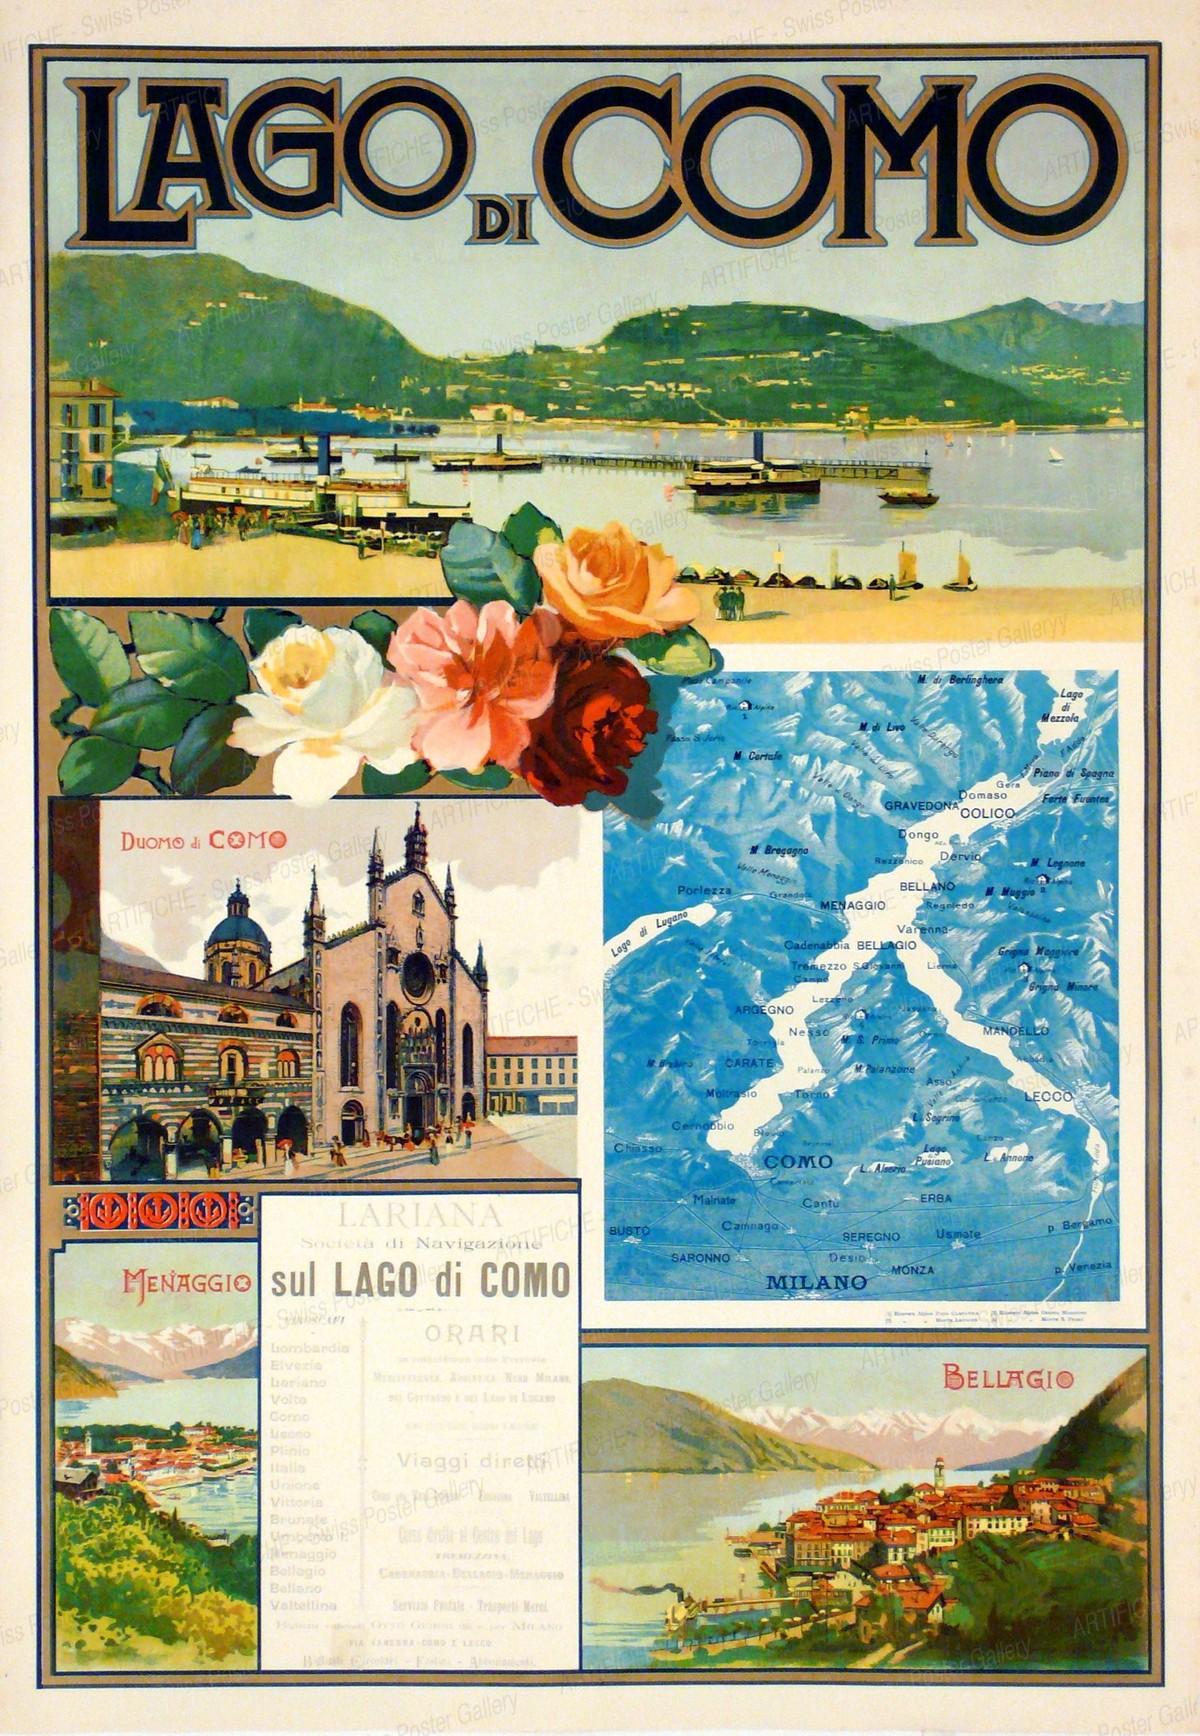 LAGO DI COMO – Lariana sul Lago di Como, Artist unknown